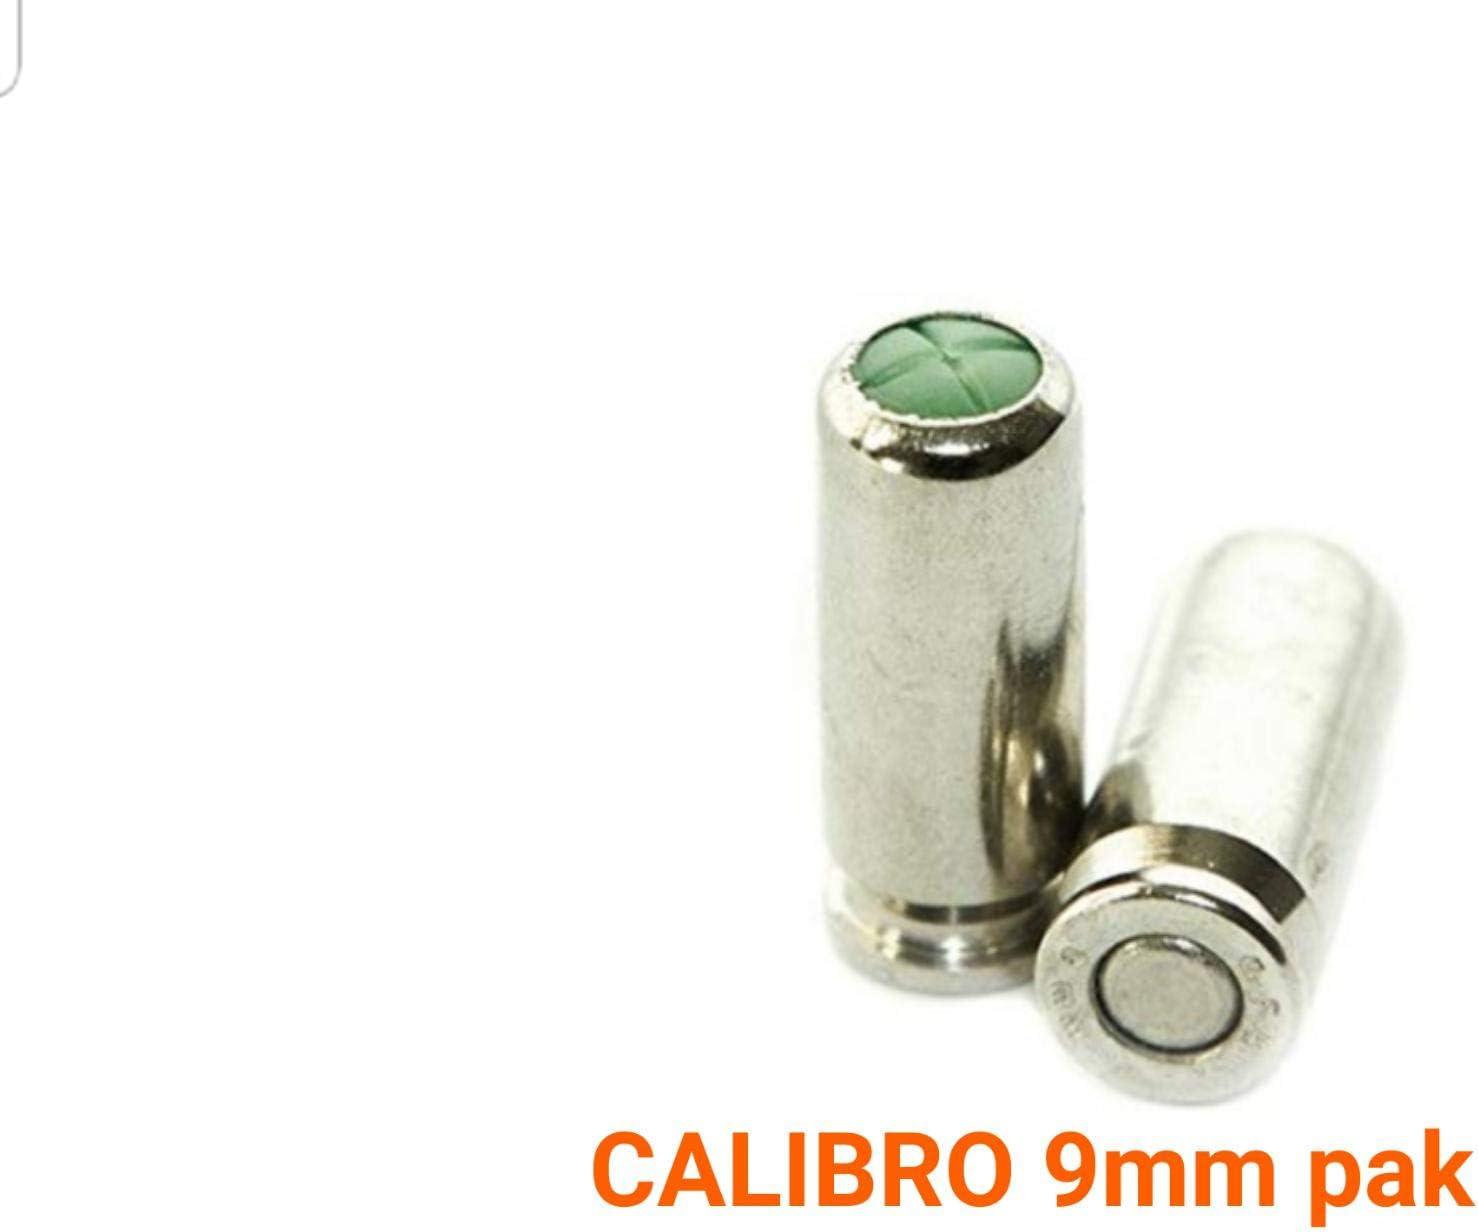 FIOCCHI Bala detonador 50 ud 9 mm P.A.Knall Salve - Blank